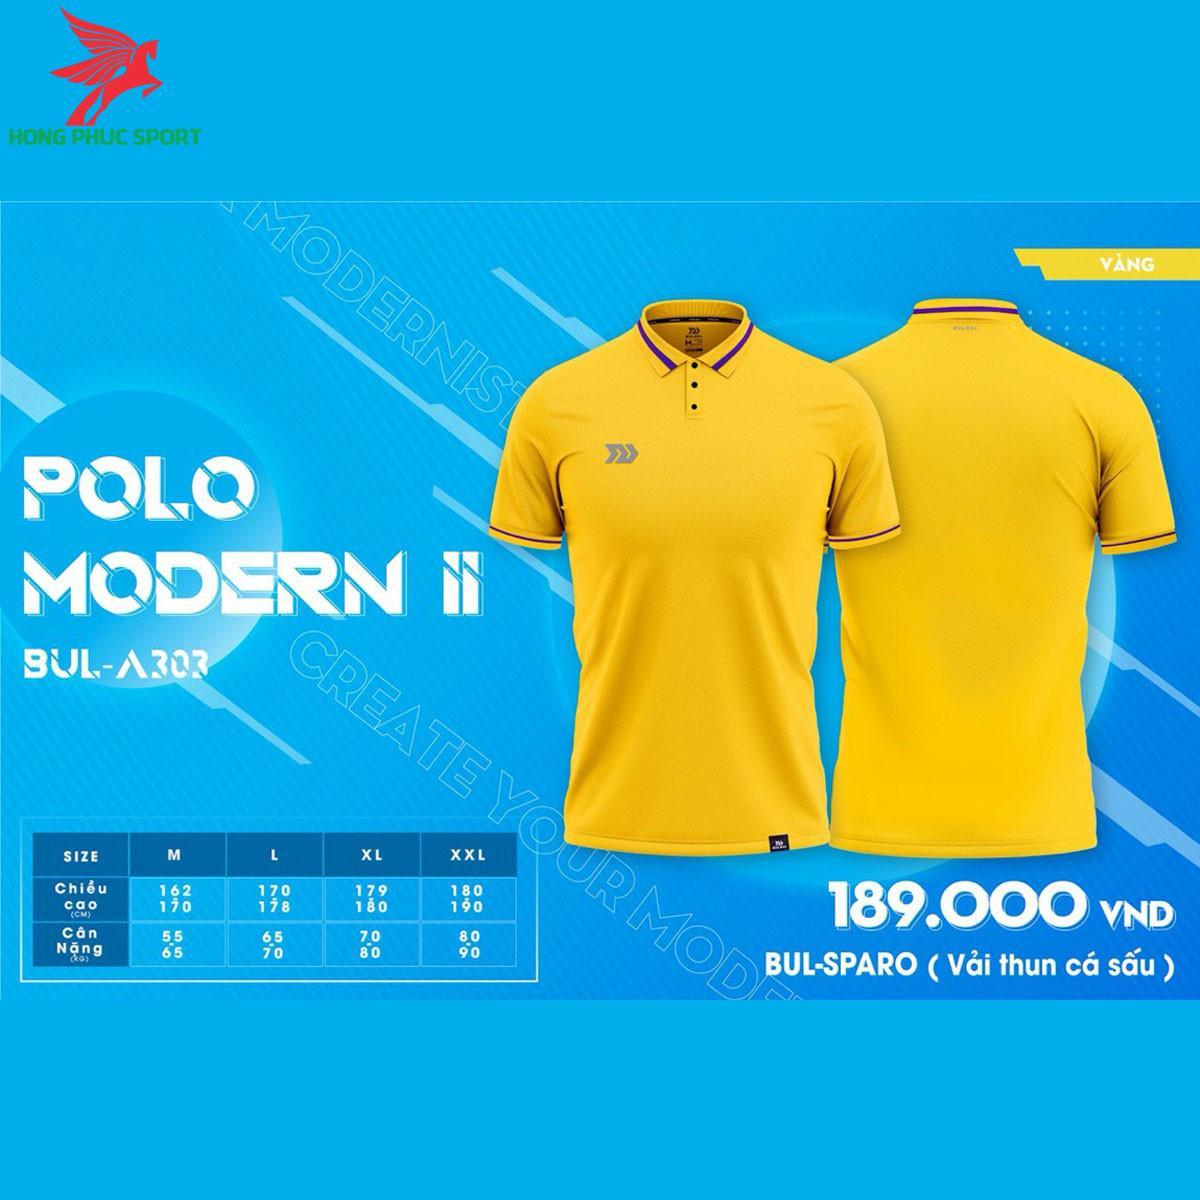 Áo đá banh không logo BULBAL MODERN II2021 màu Vàng